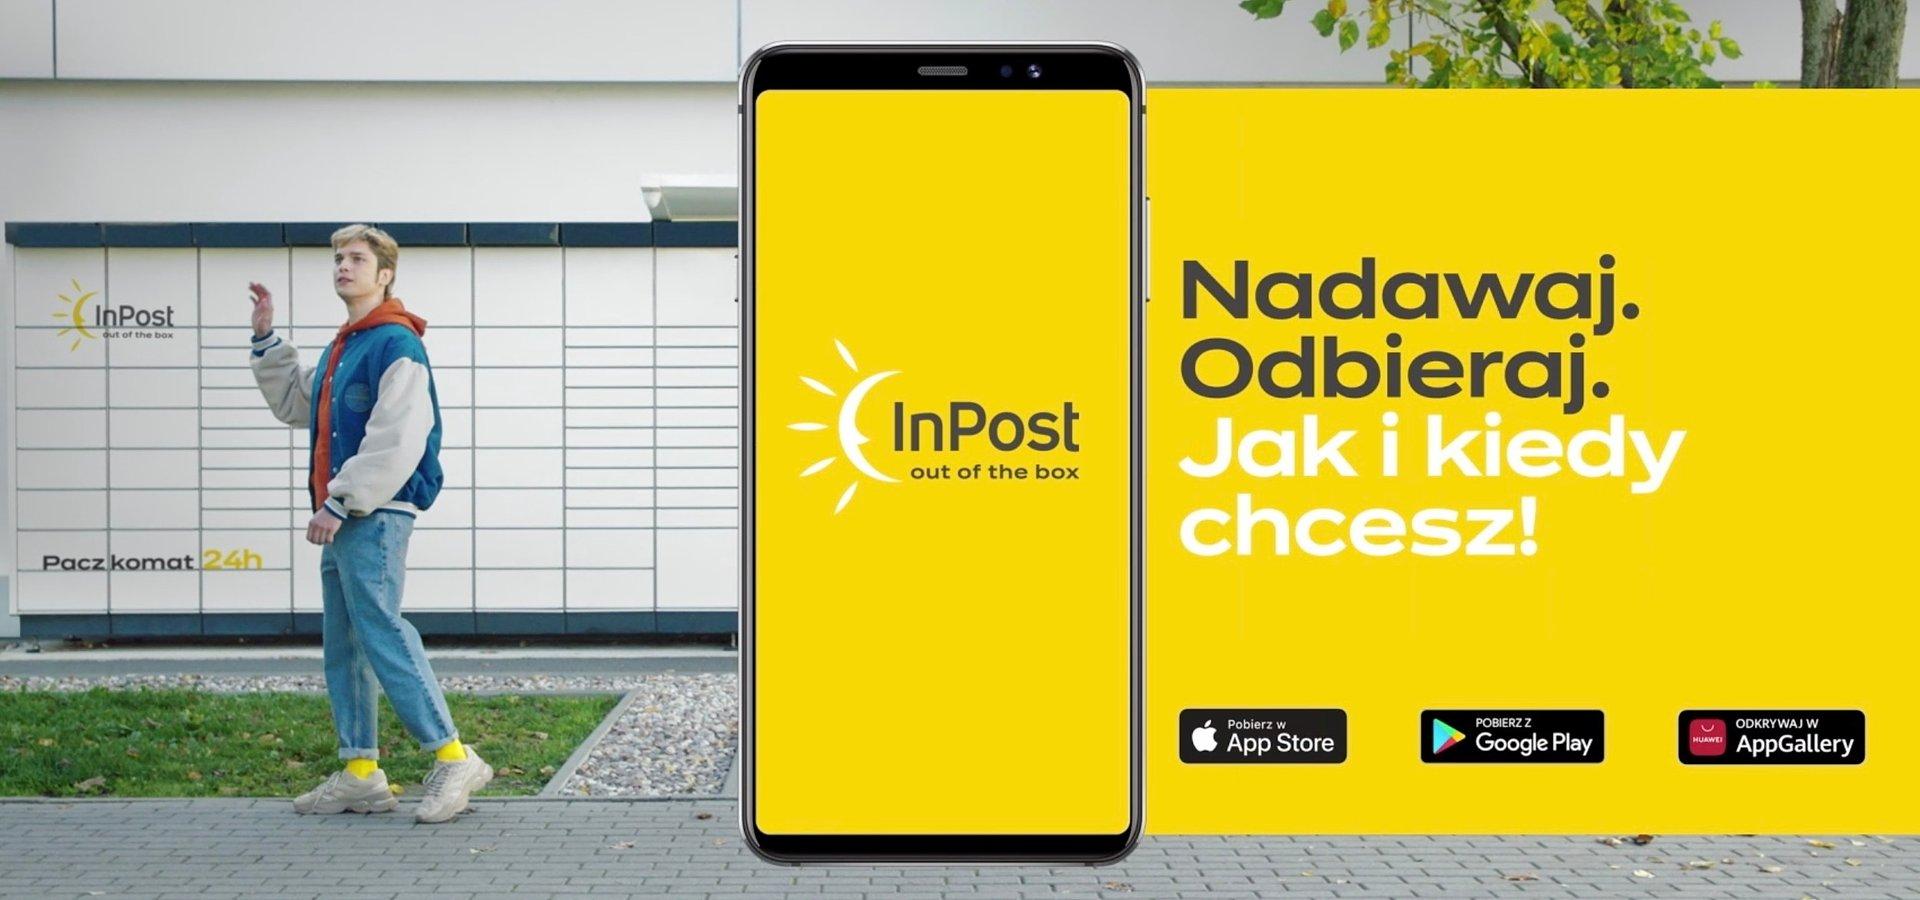 Jak łatwo skorzystać z Paczkomatów InPost i aplikacji InPost Mobile?